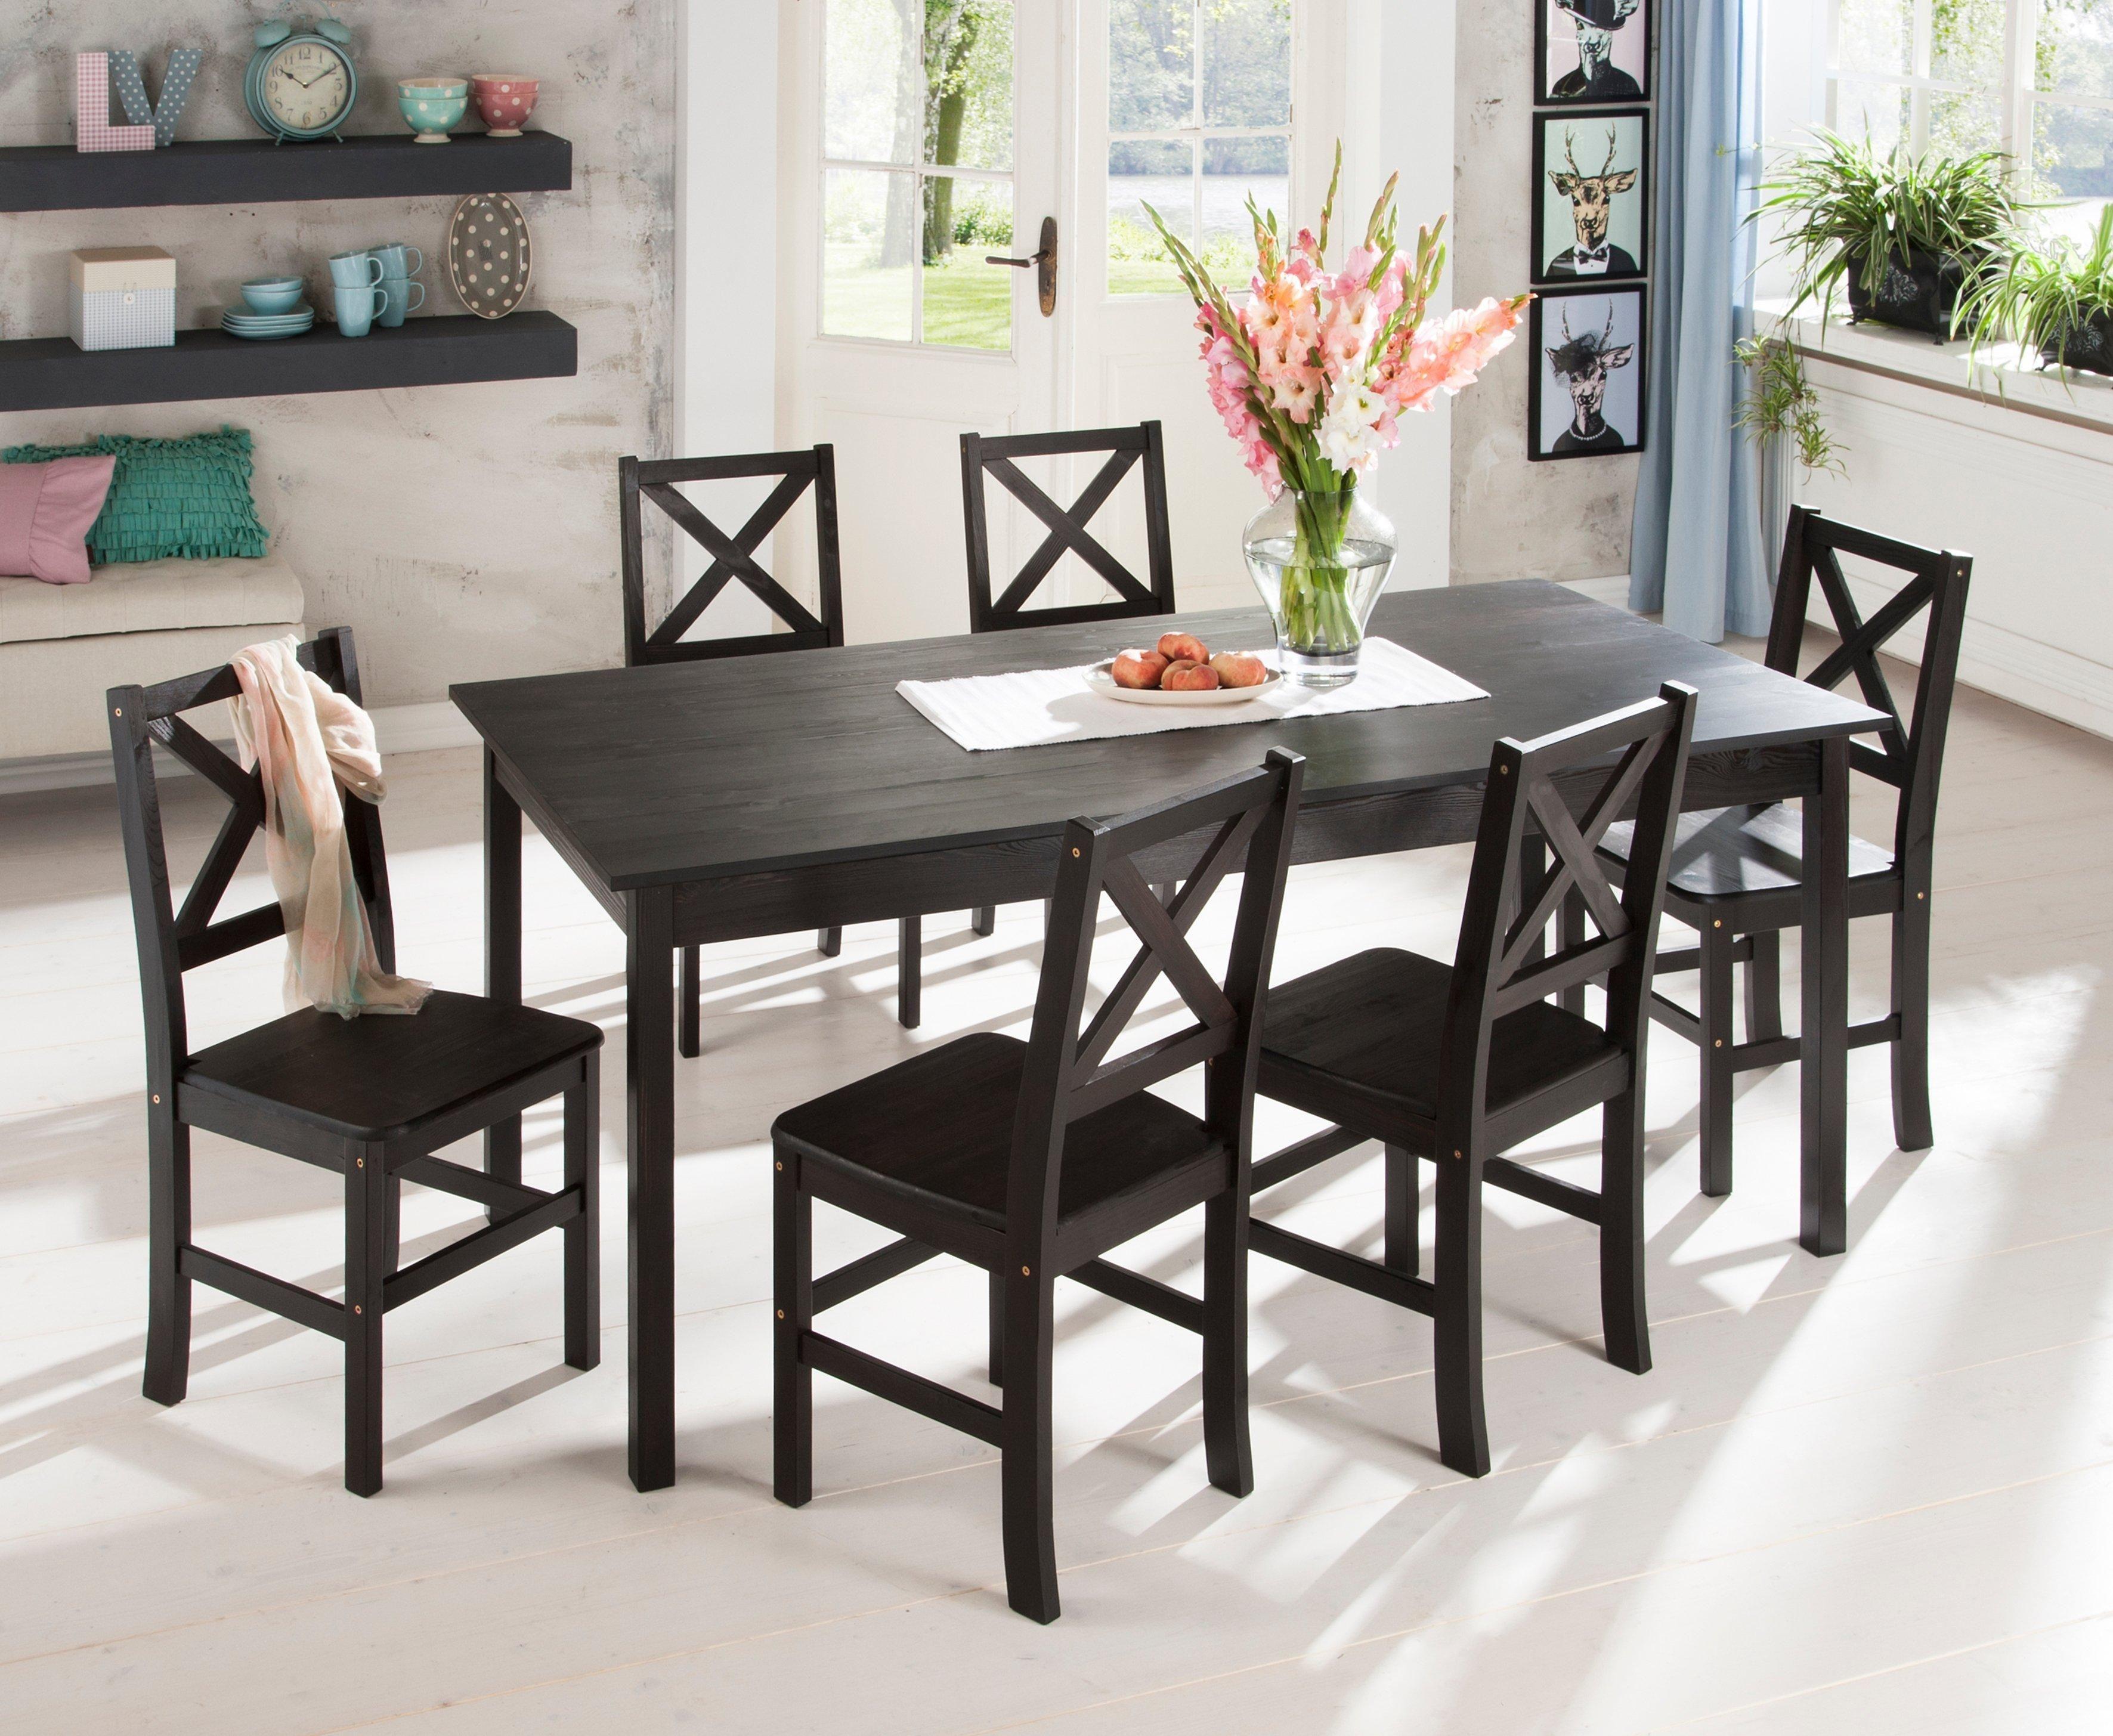 Rund Tisch Hochglanz Stühle Esstisch Modern GünstigWeiß CreWdxBo